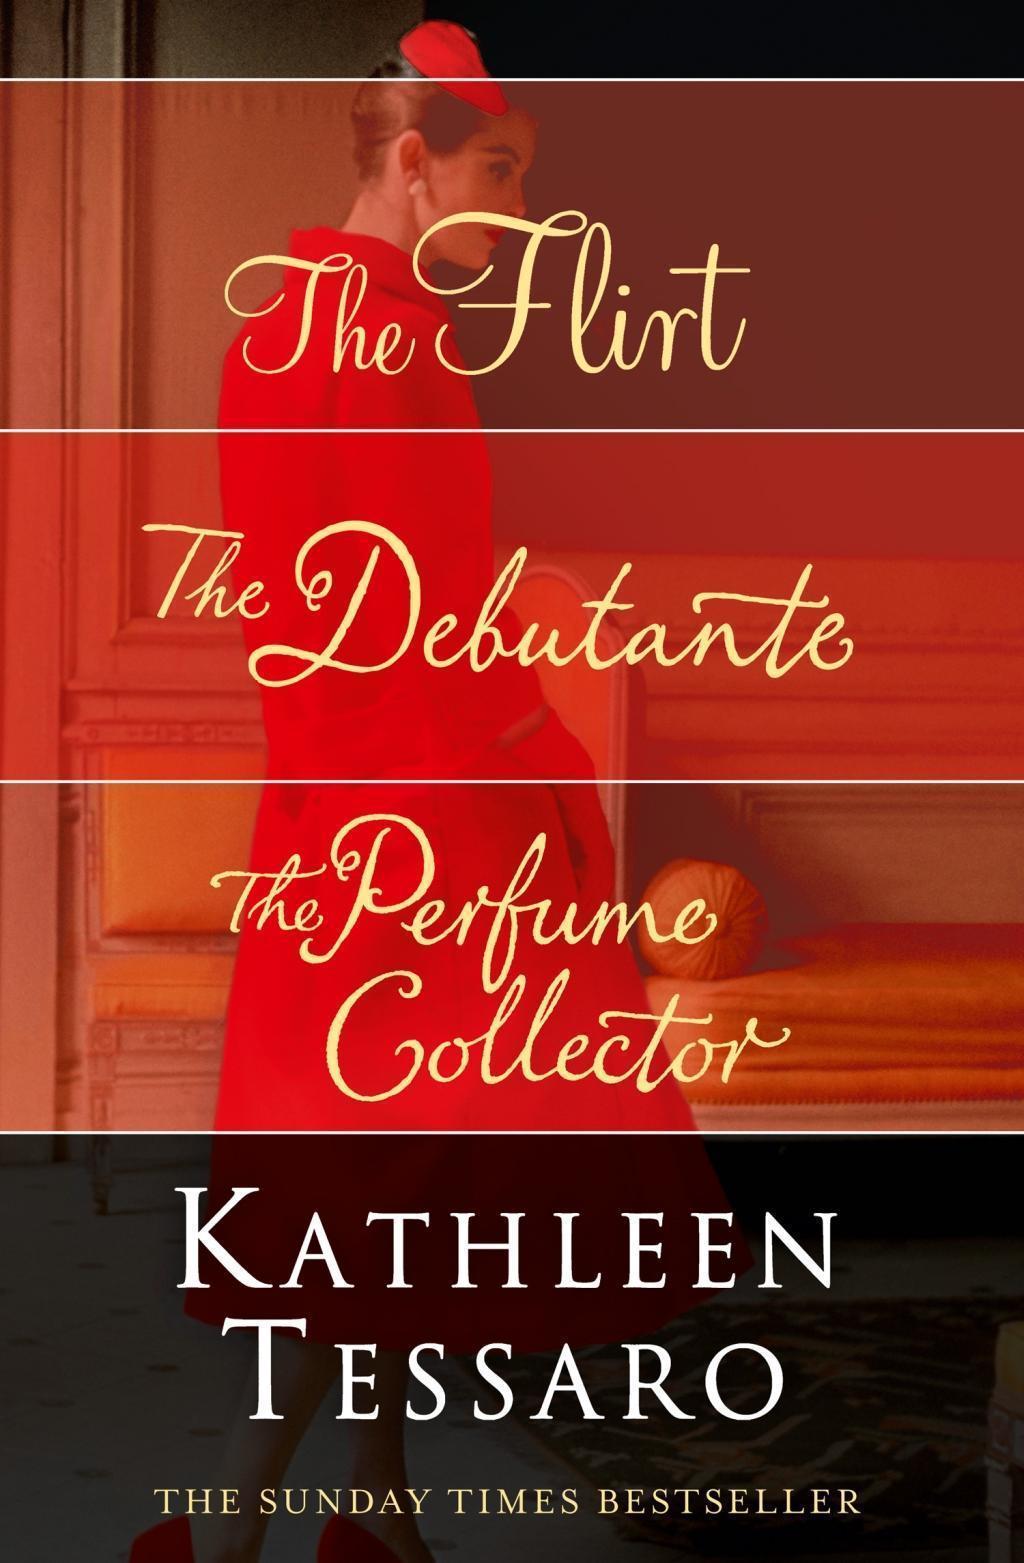 Kathleen Tessaro 3-Book Collection: The Flirt, The Debutante, The Perfume Collector